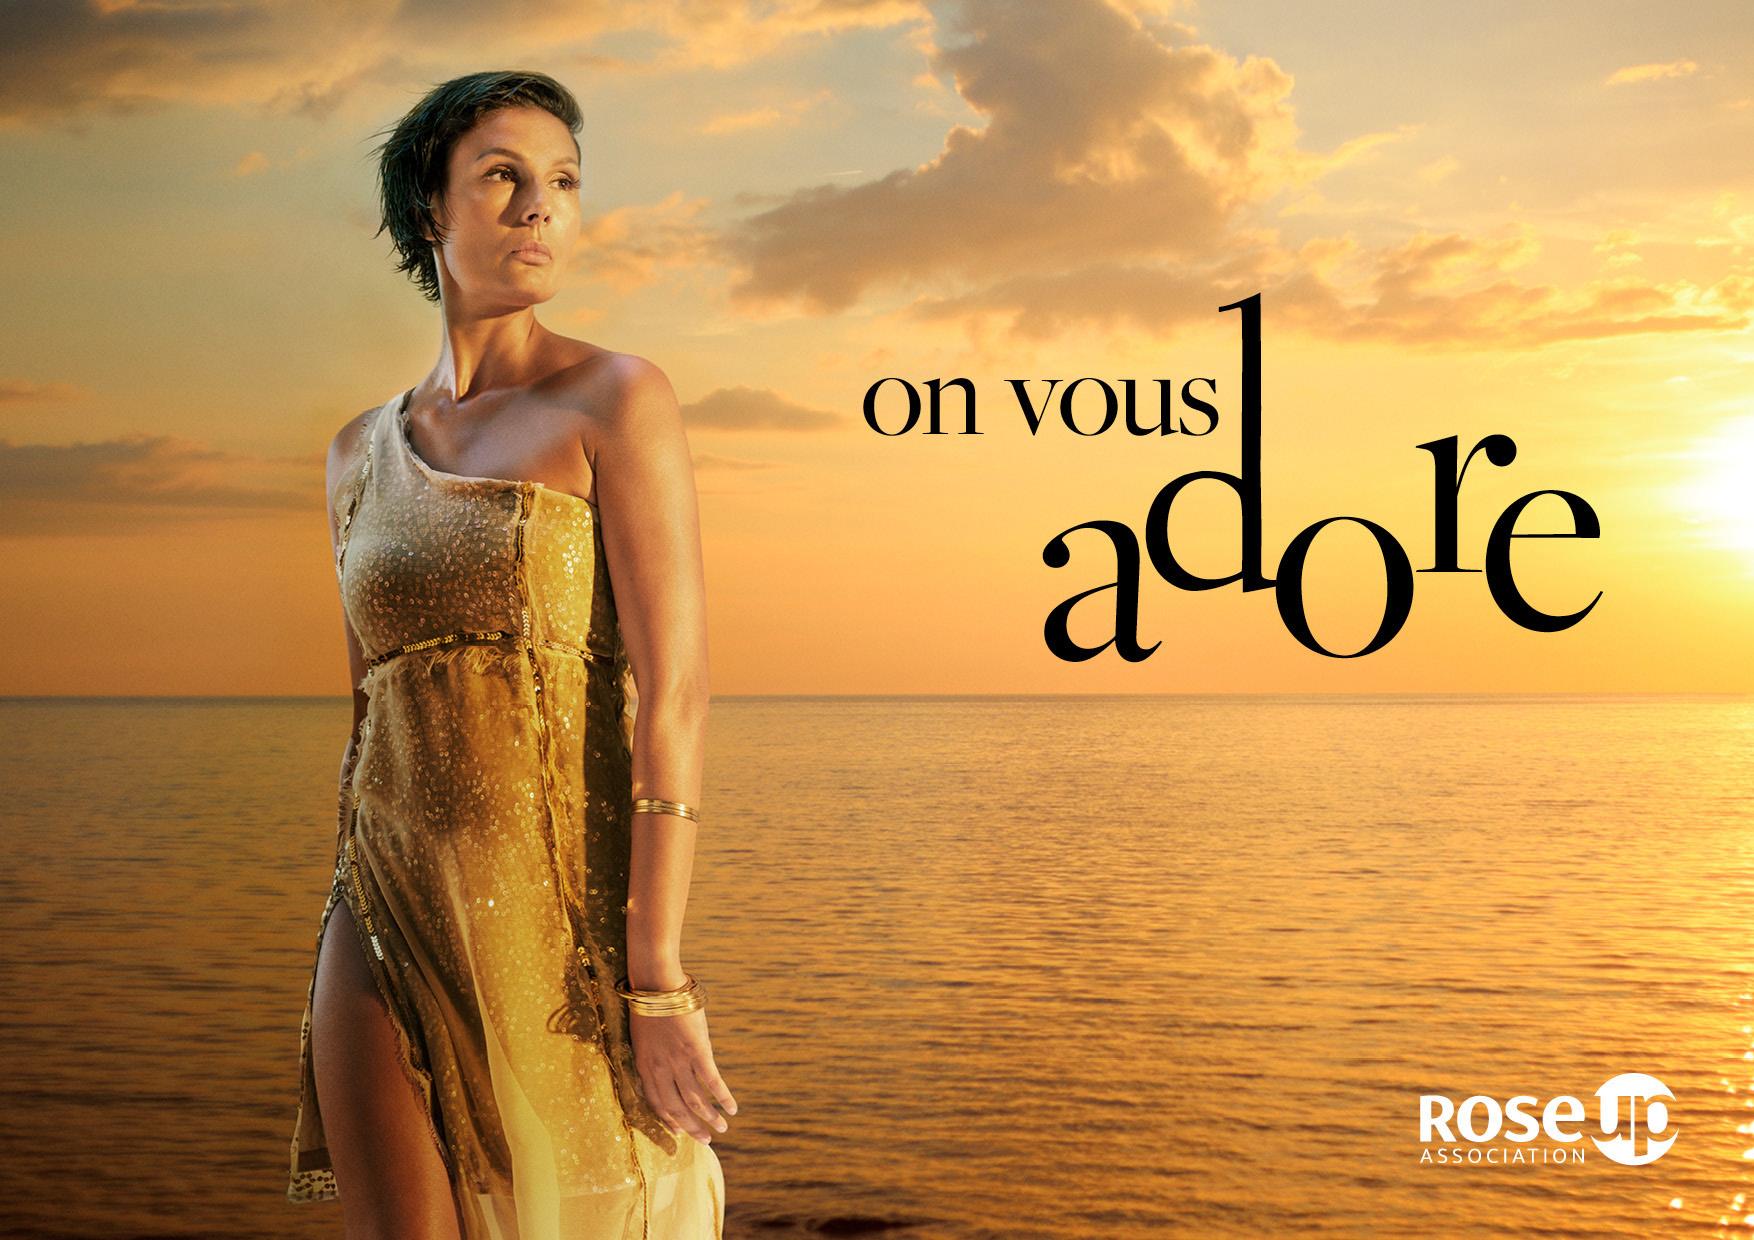 RoseUpAssociation-RoseMagazine17-Pubs-de-malades©François Rousseau_BD-08